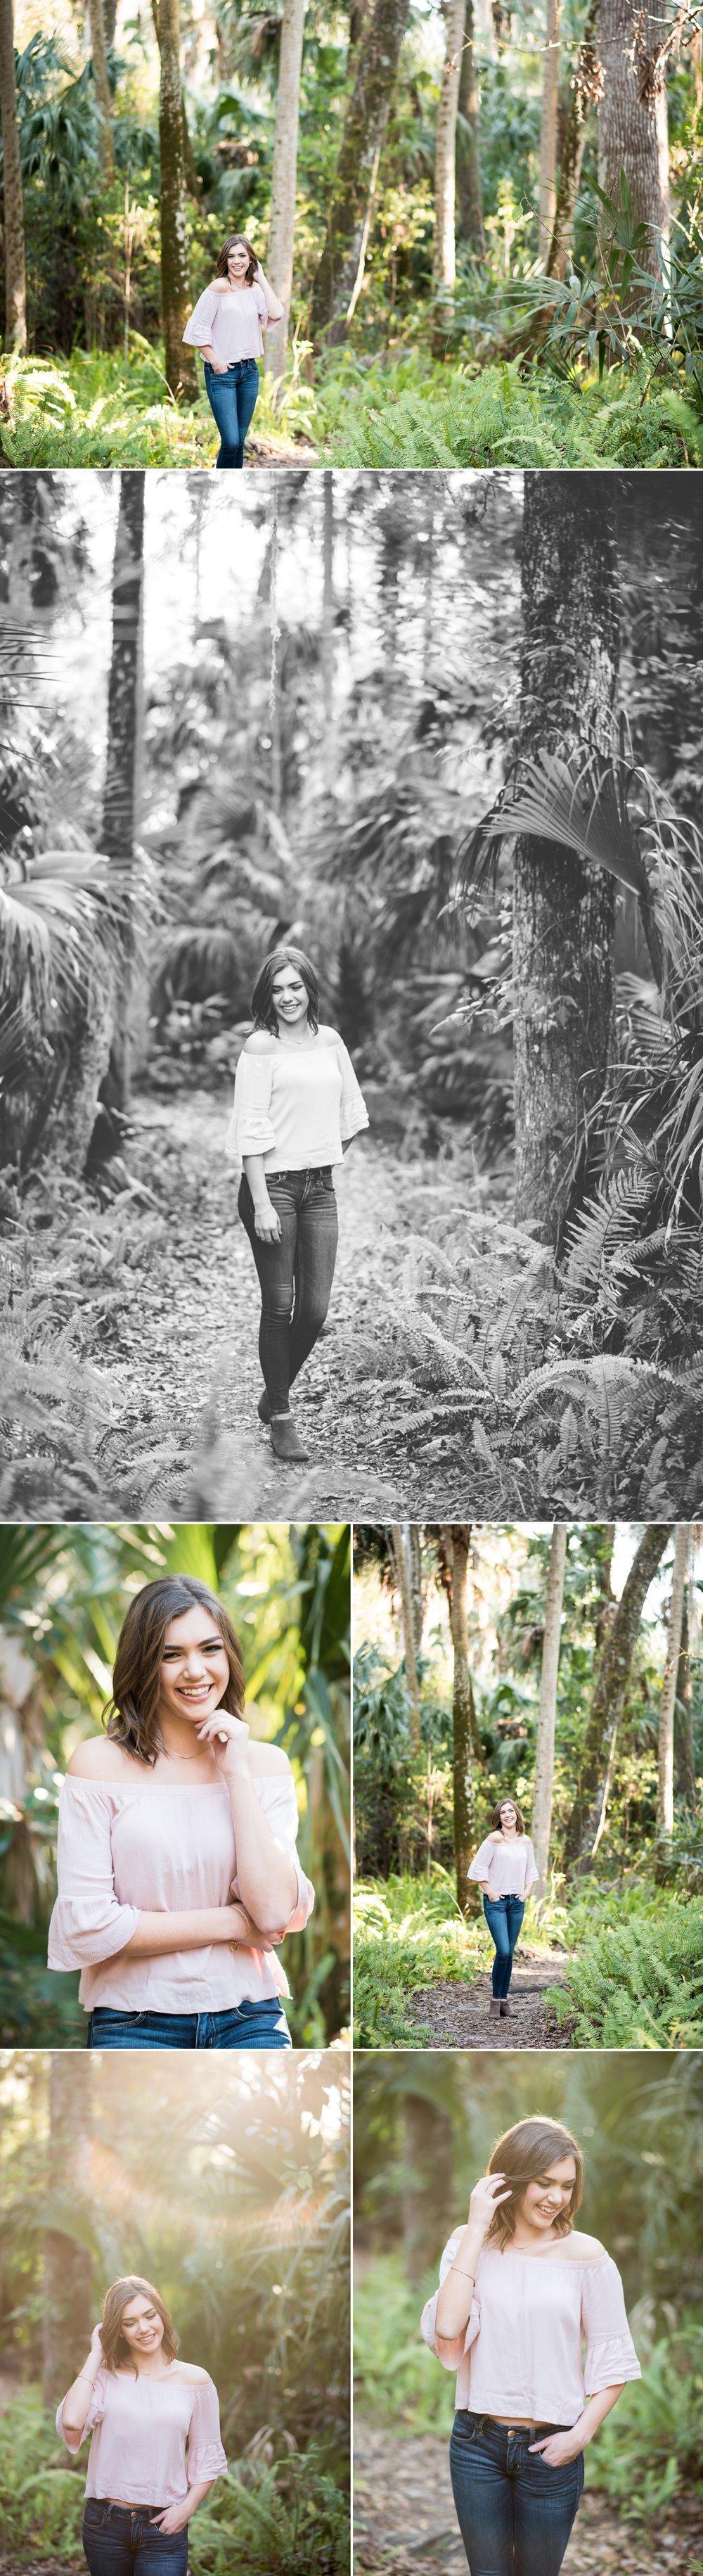 Colleen Senior 4.jpg